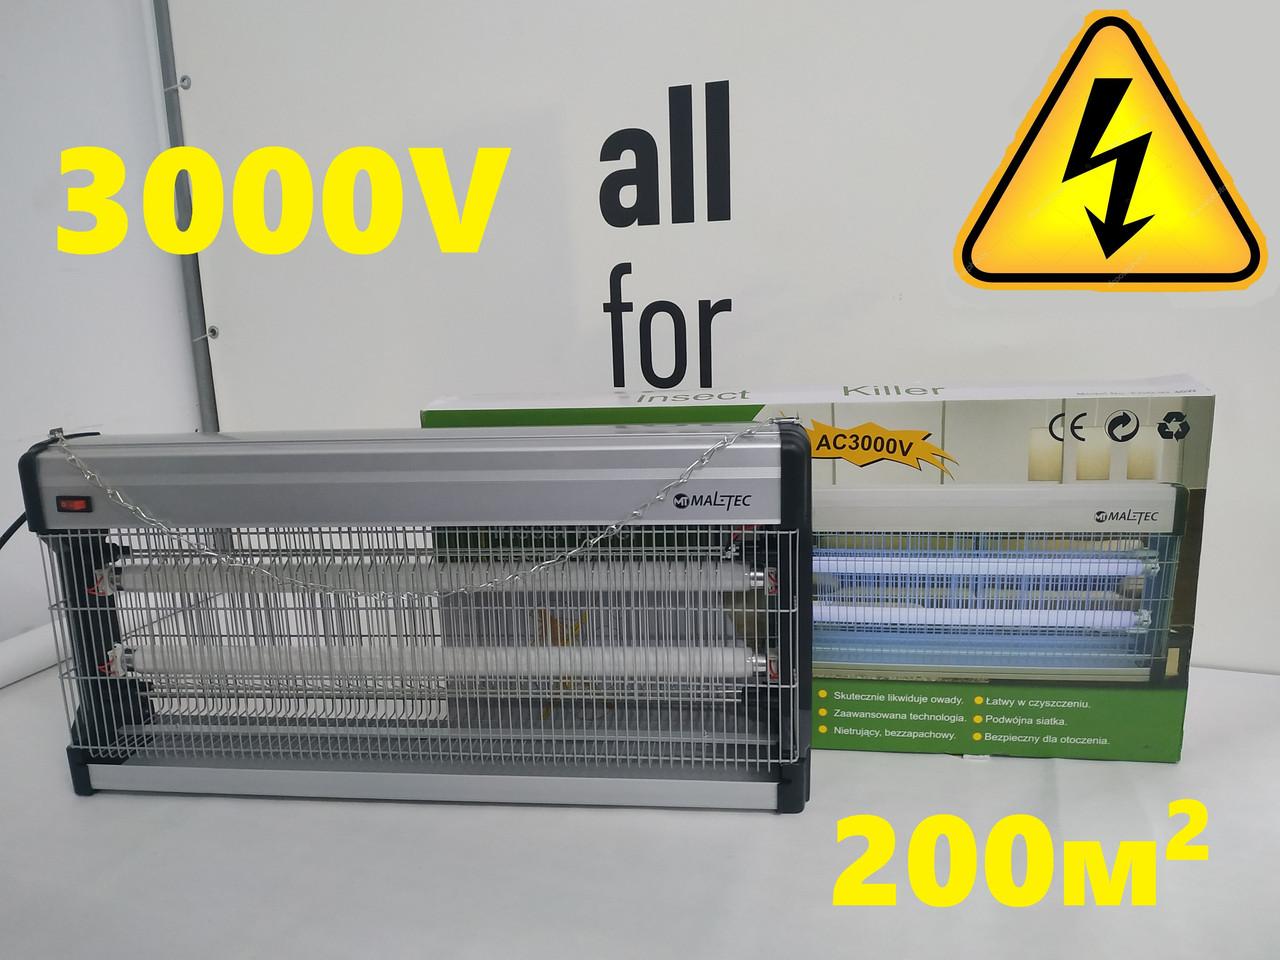 Промышленный Уничтожитель насекомых Maltec EGO-02-40W